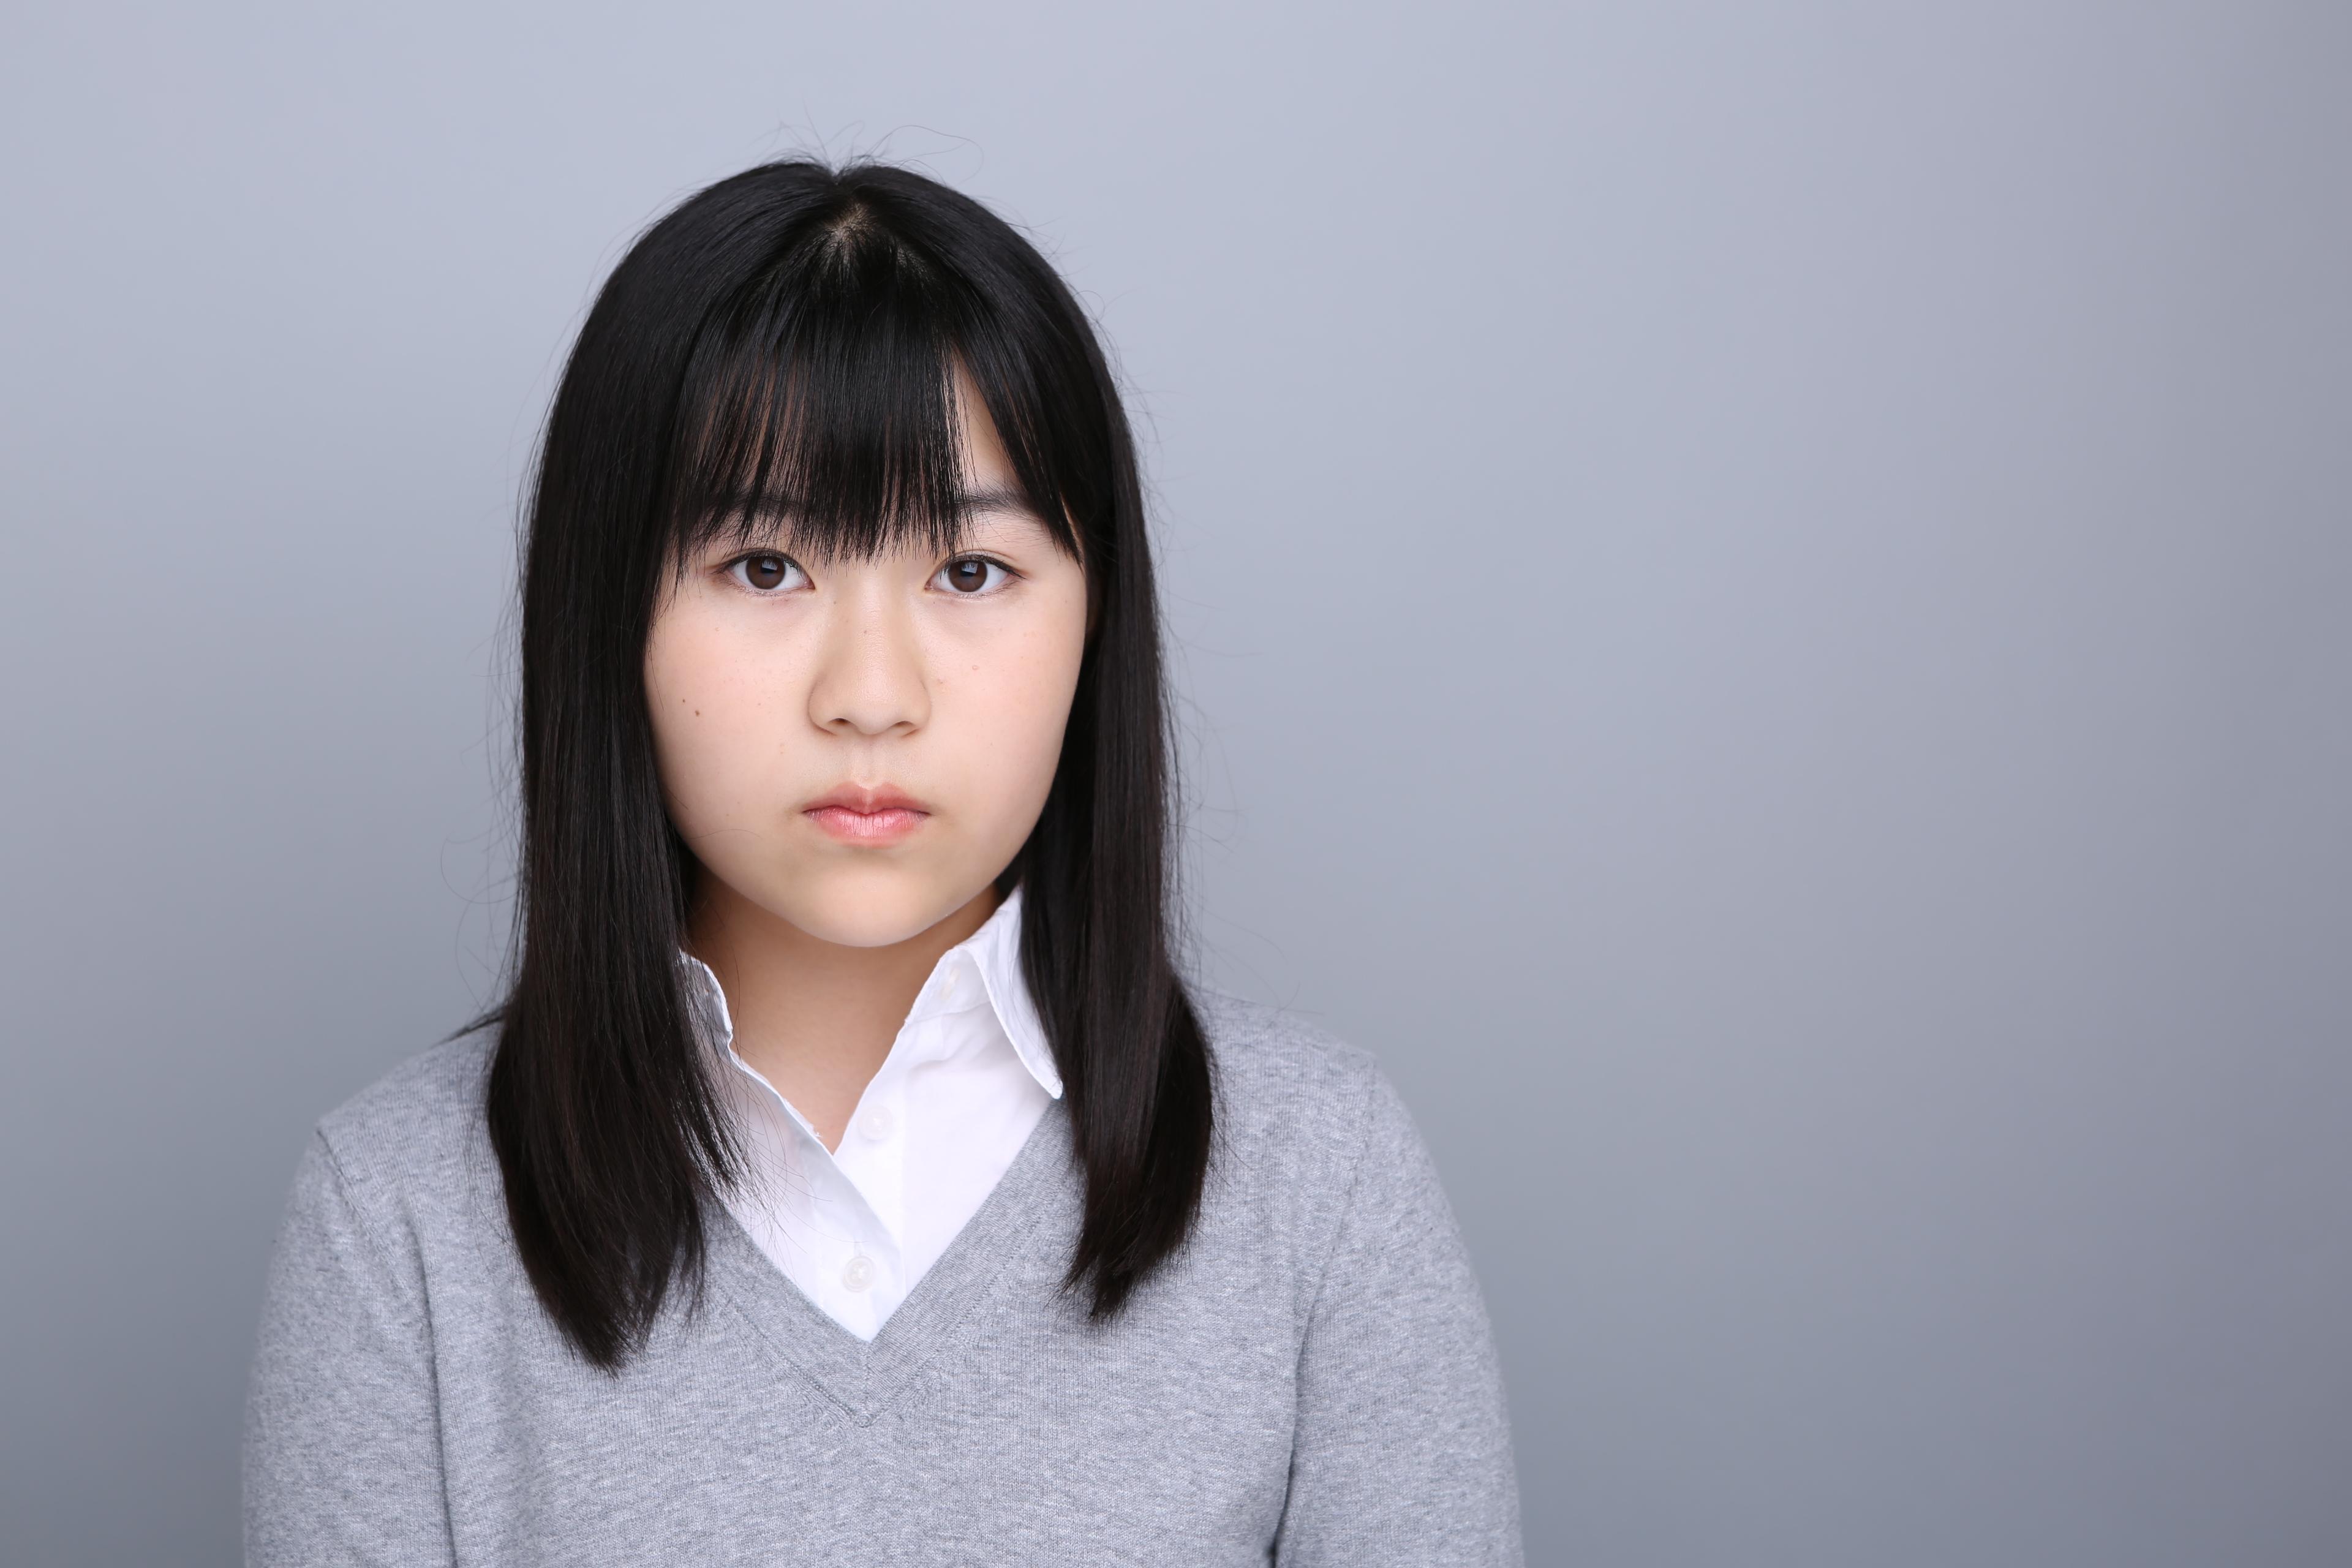 鈴生のサブ画像